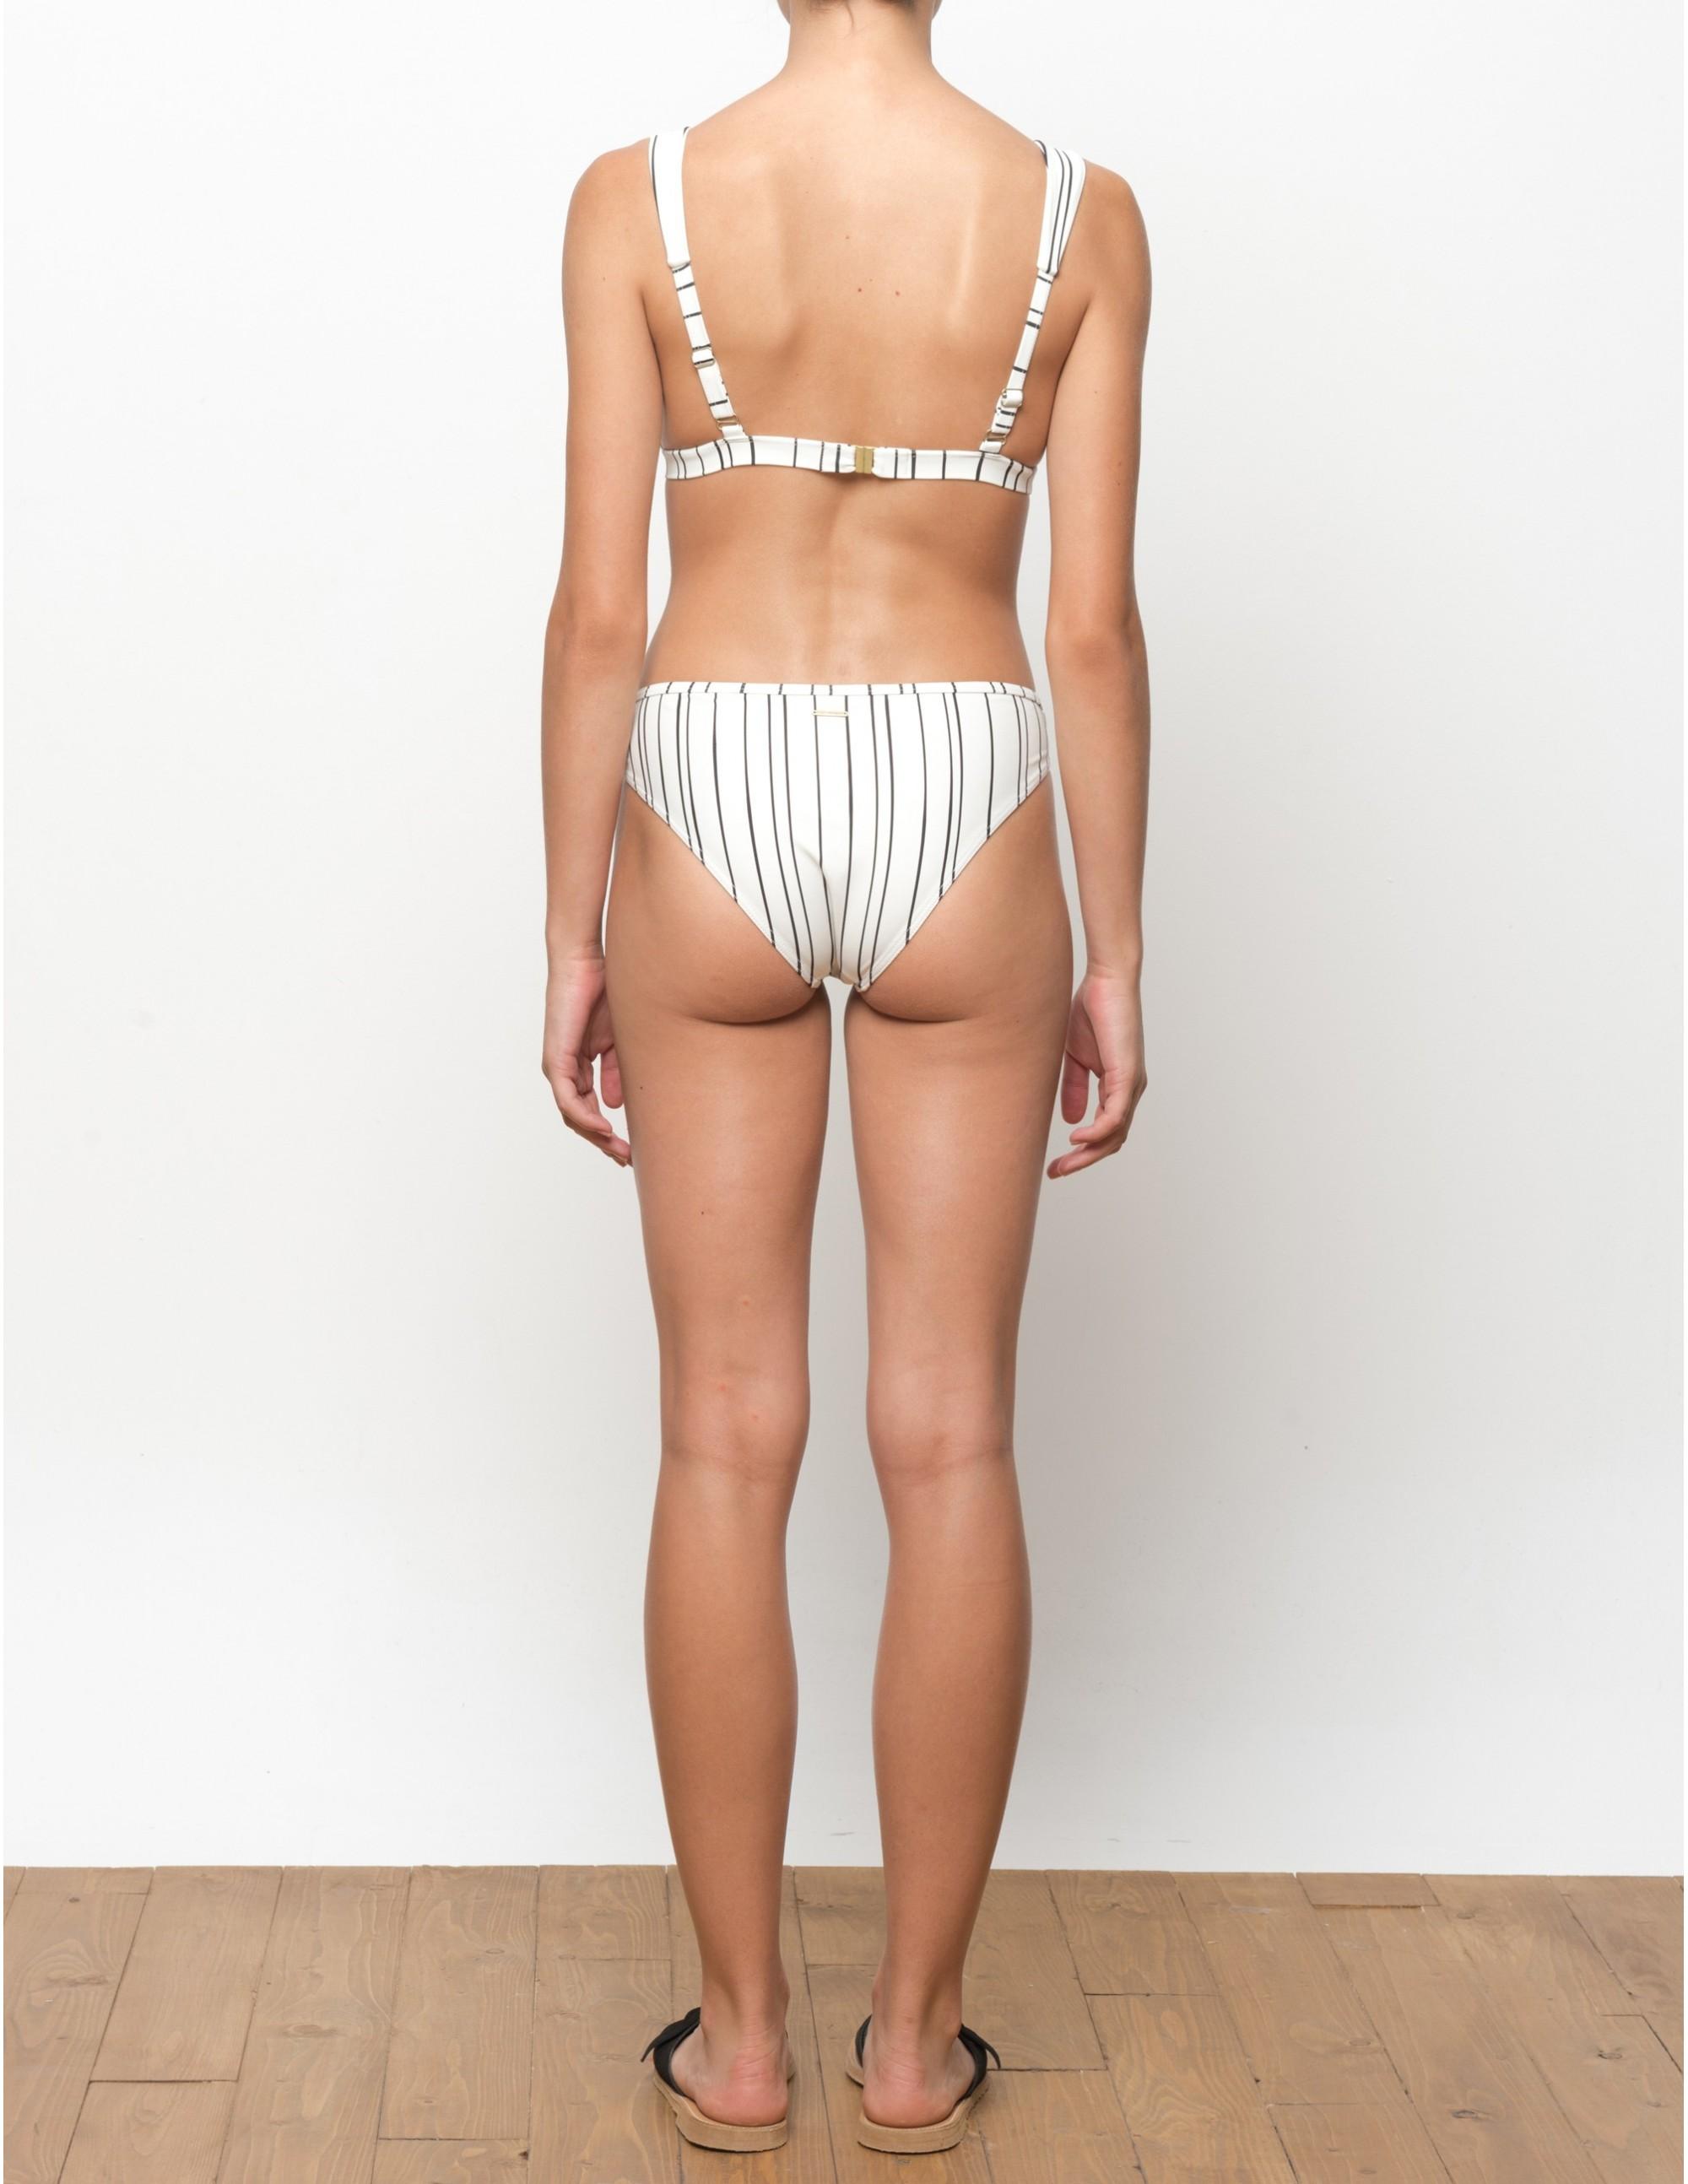 MAZIWI bikini bottom - LIMITLESS